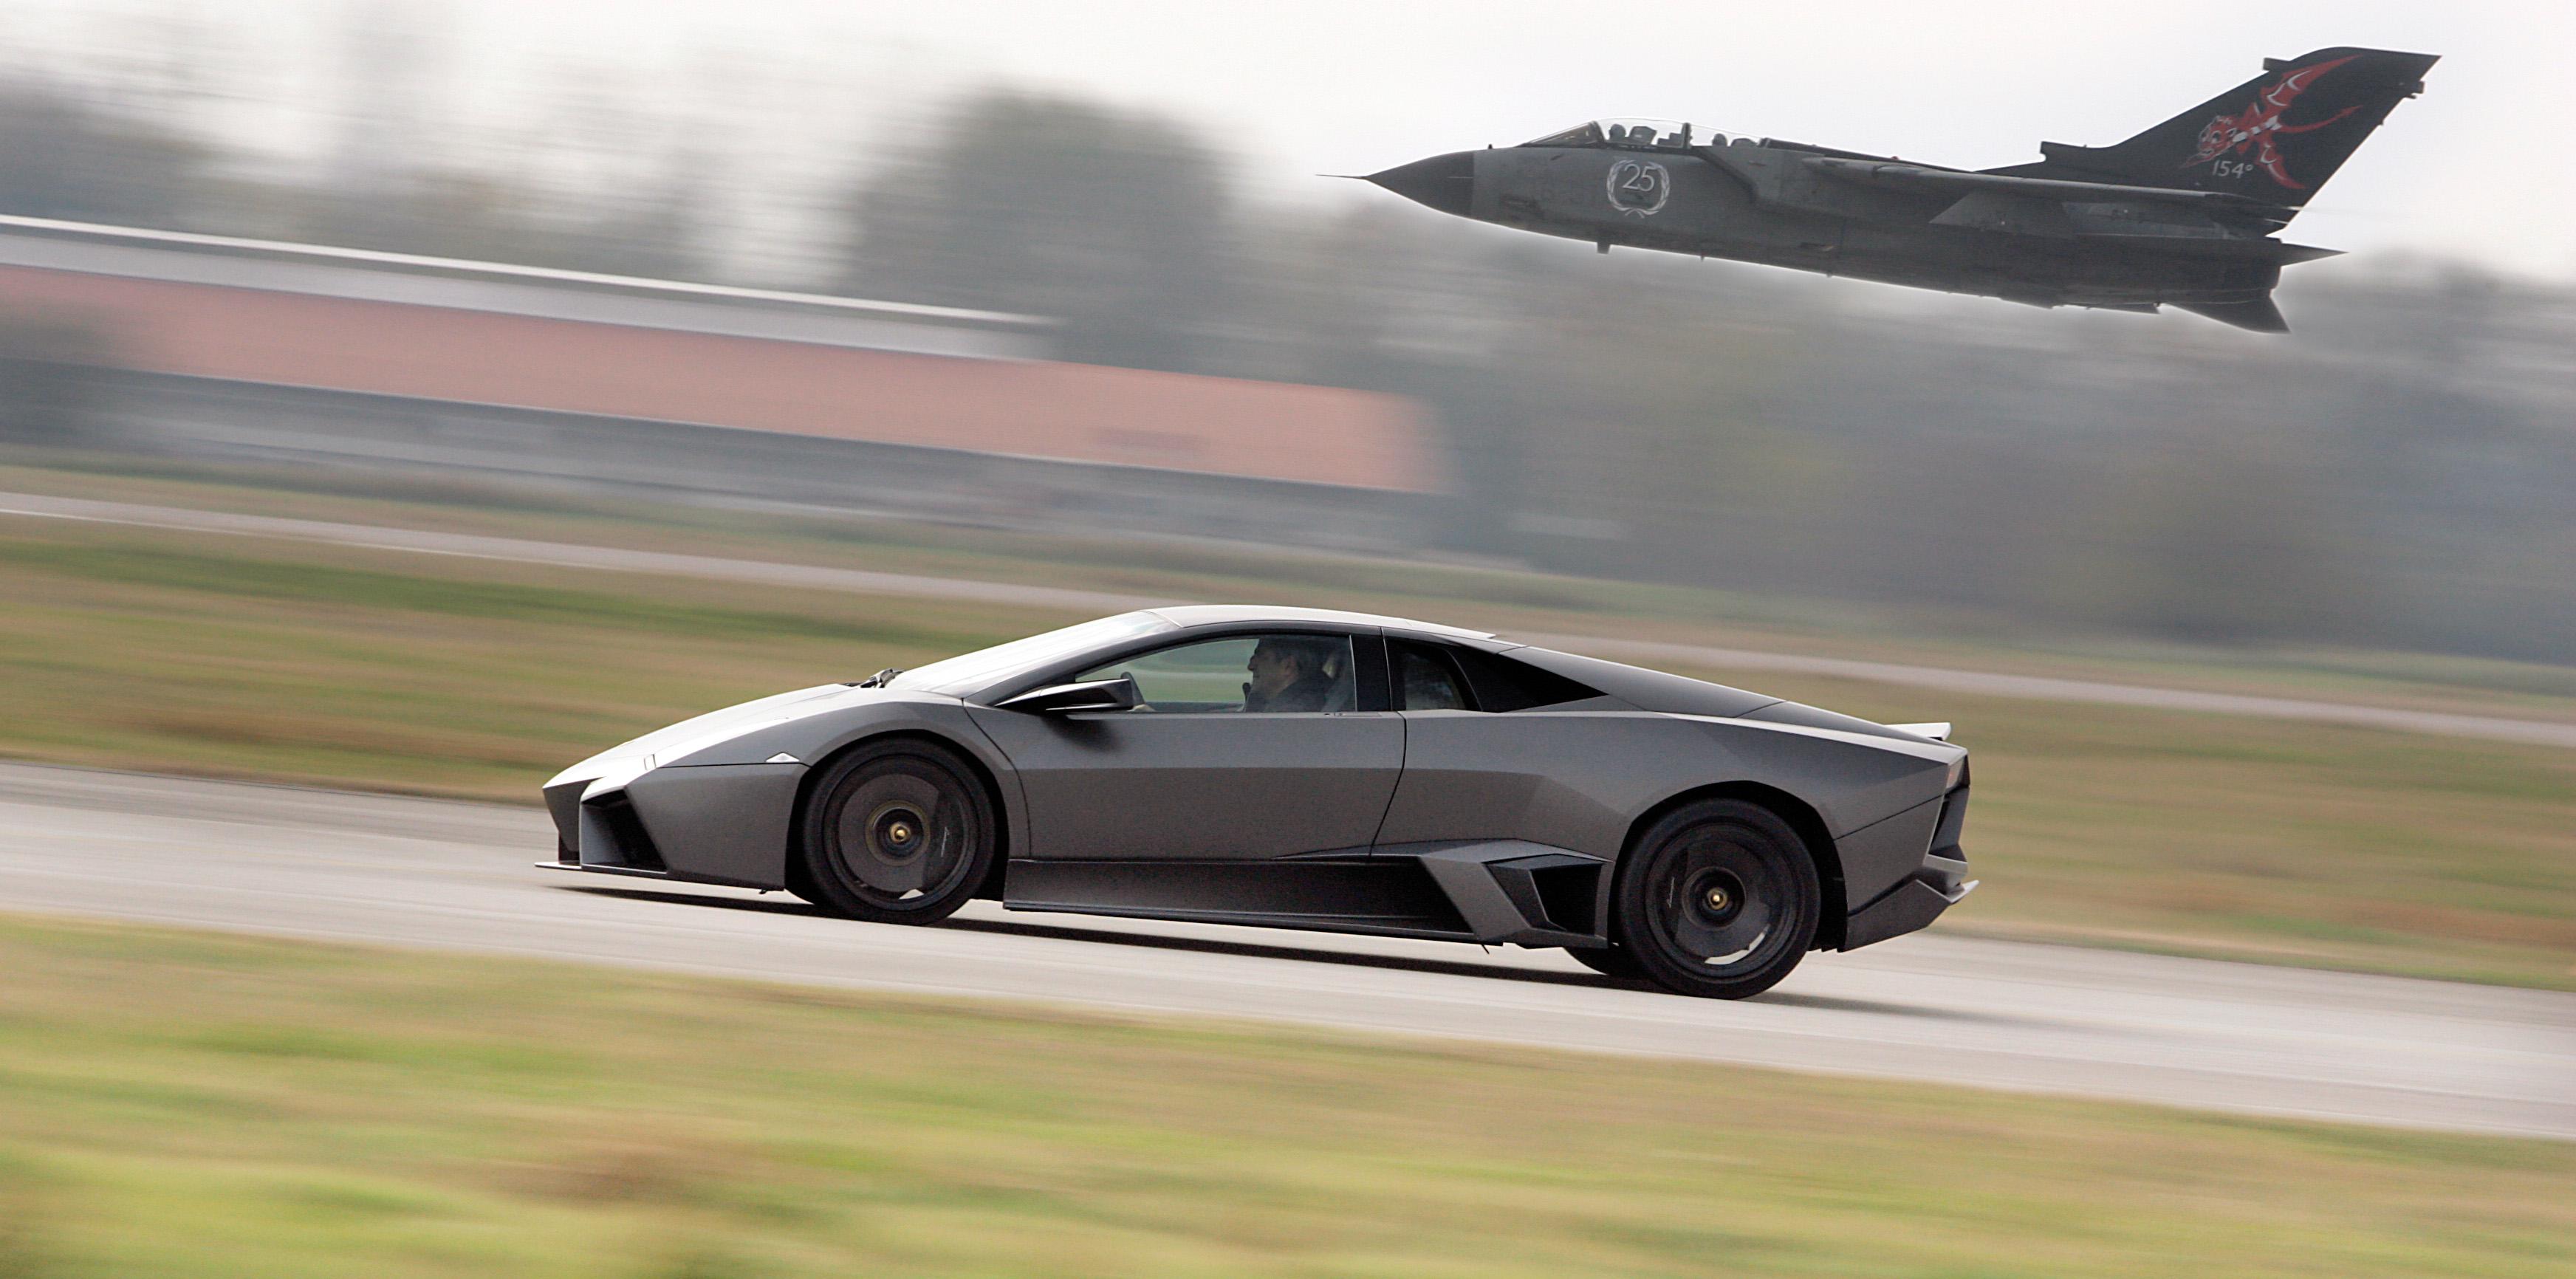 Lamborghini Reventon by taz2